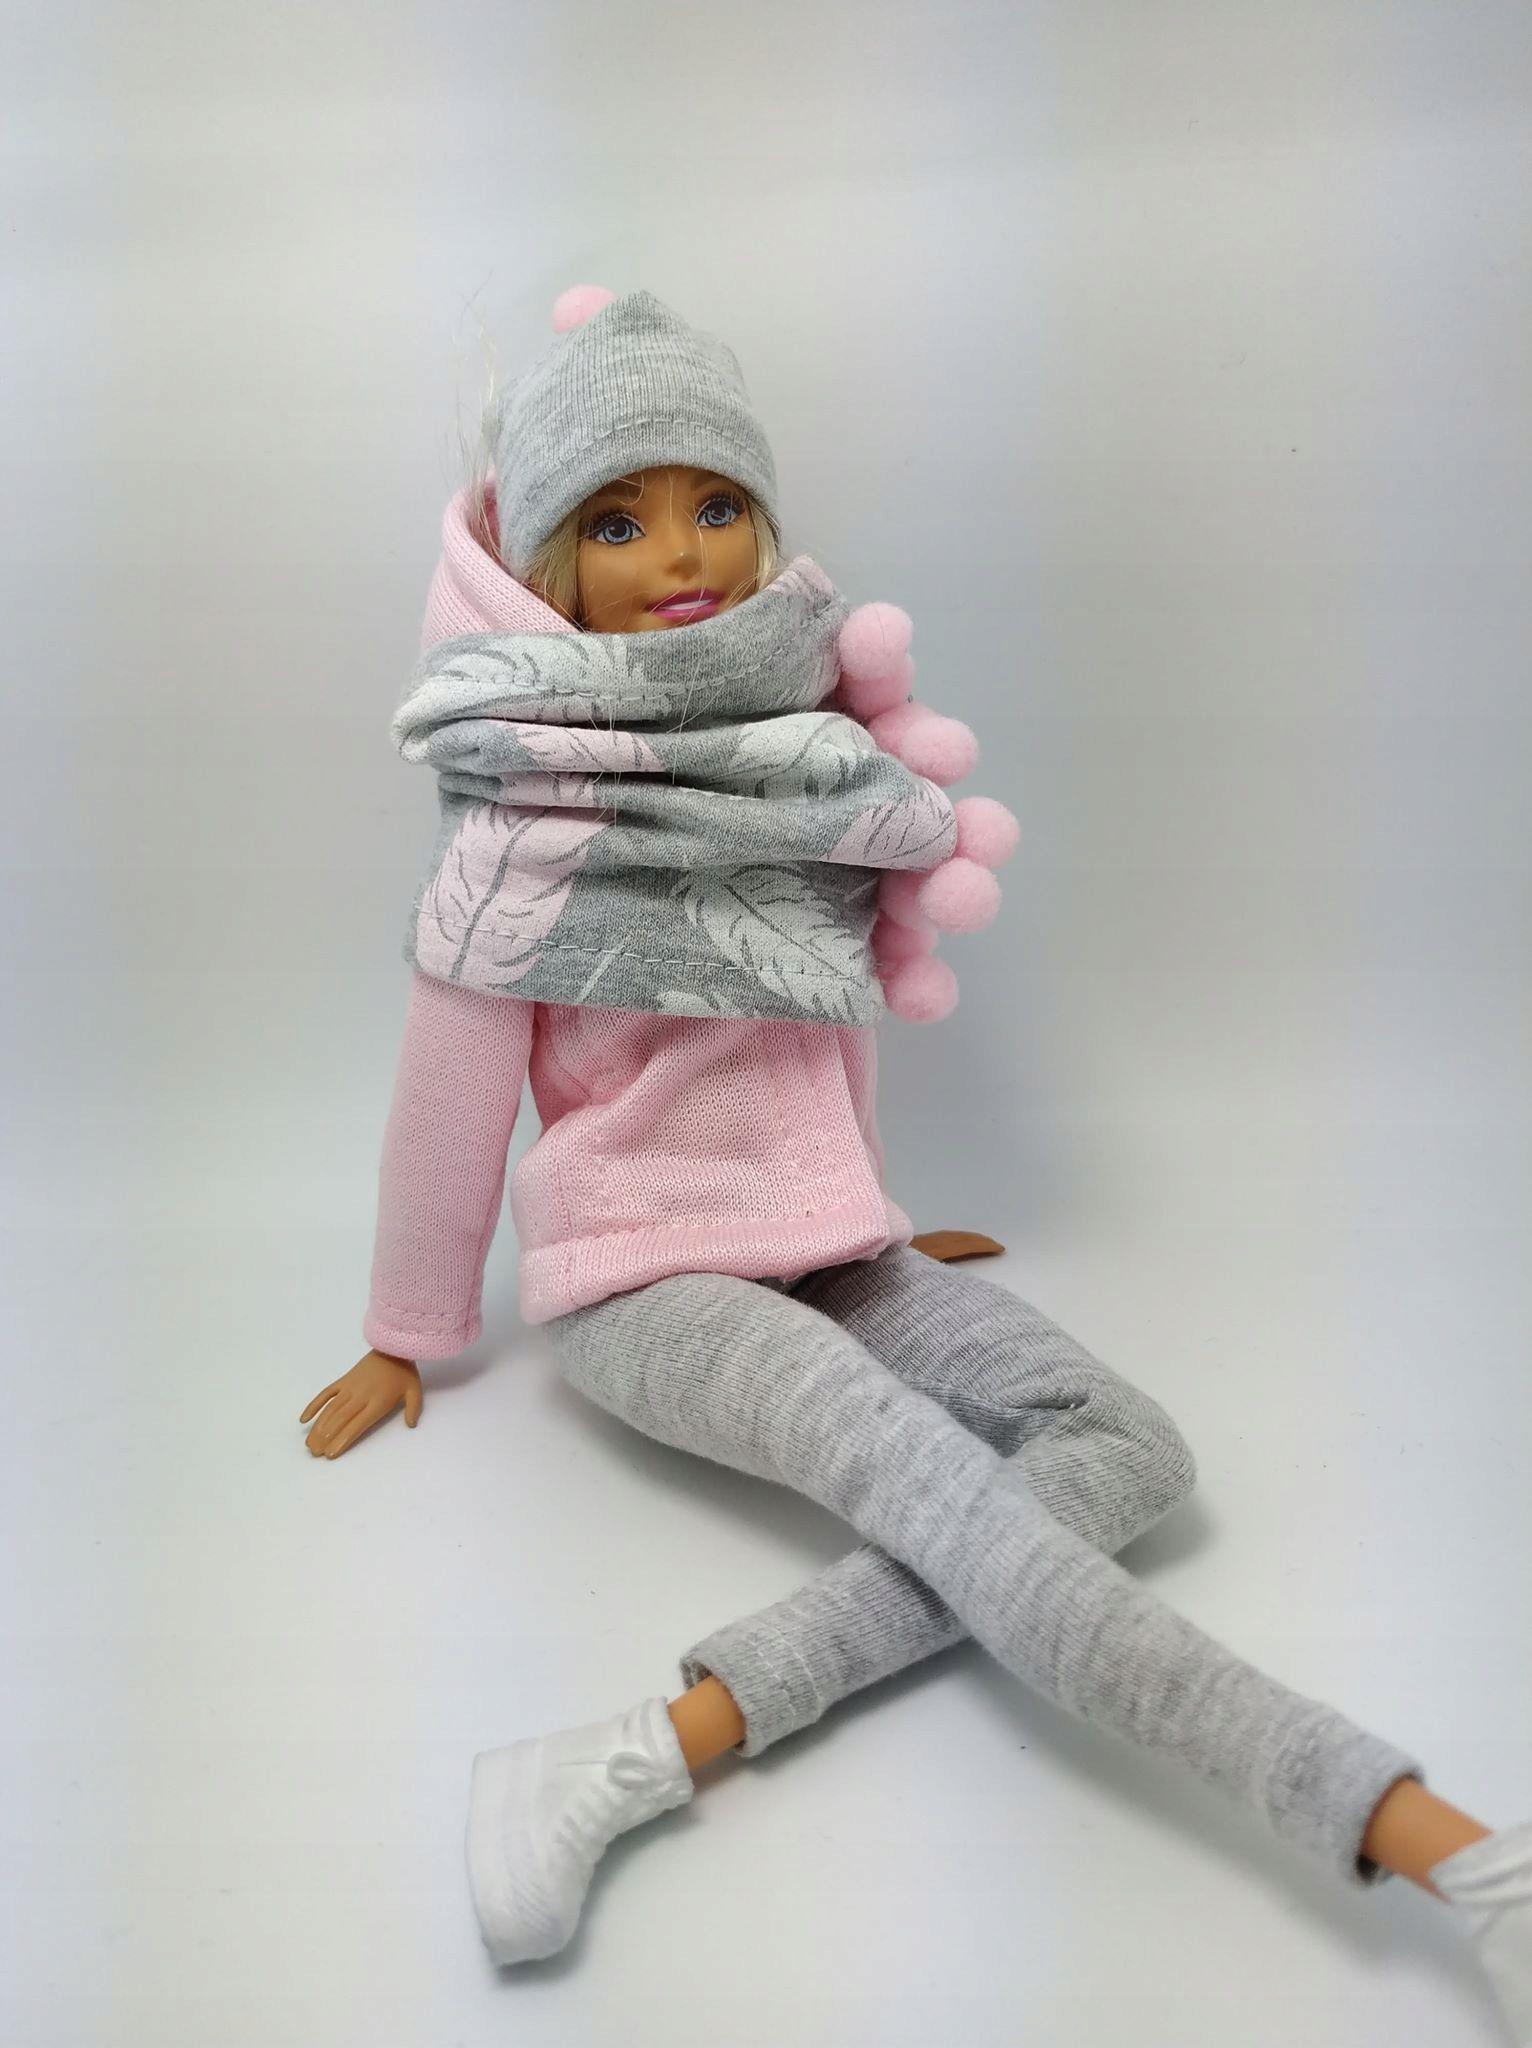 Ubranka Dla Lalki Typu Barbie Zestaw Ubranka 7882337776 Oficjalne Archiwum Allegro Barbie Fashion Dolls Fashion